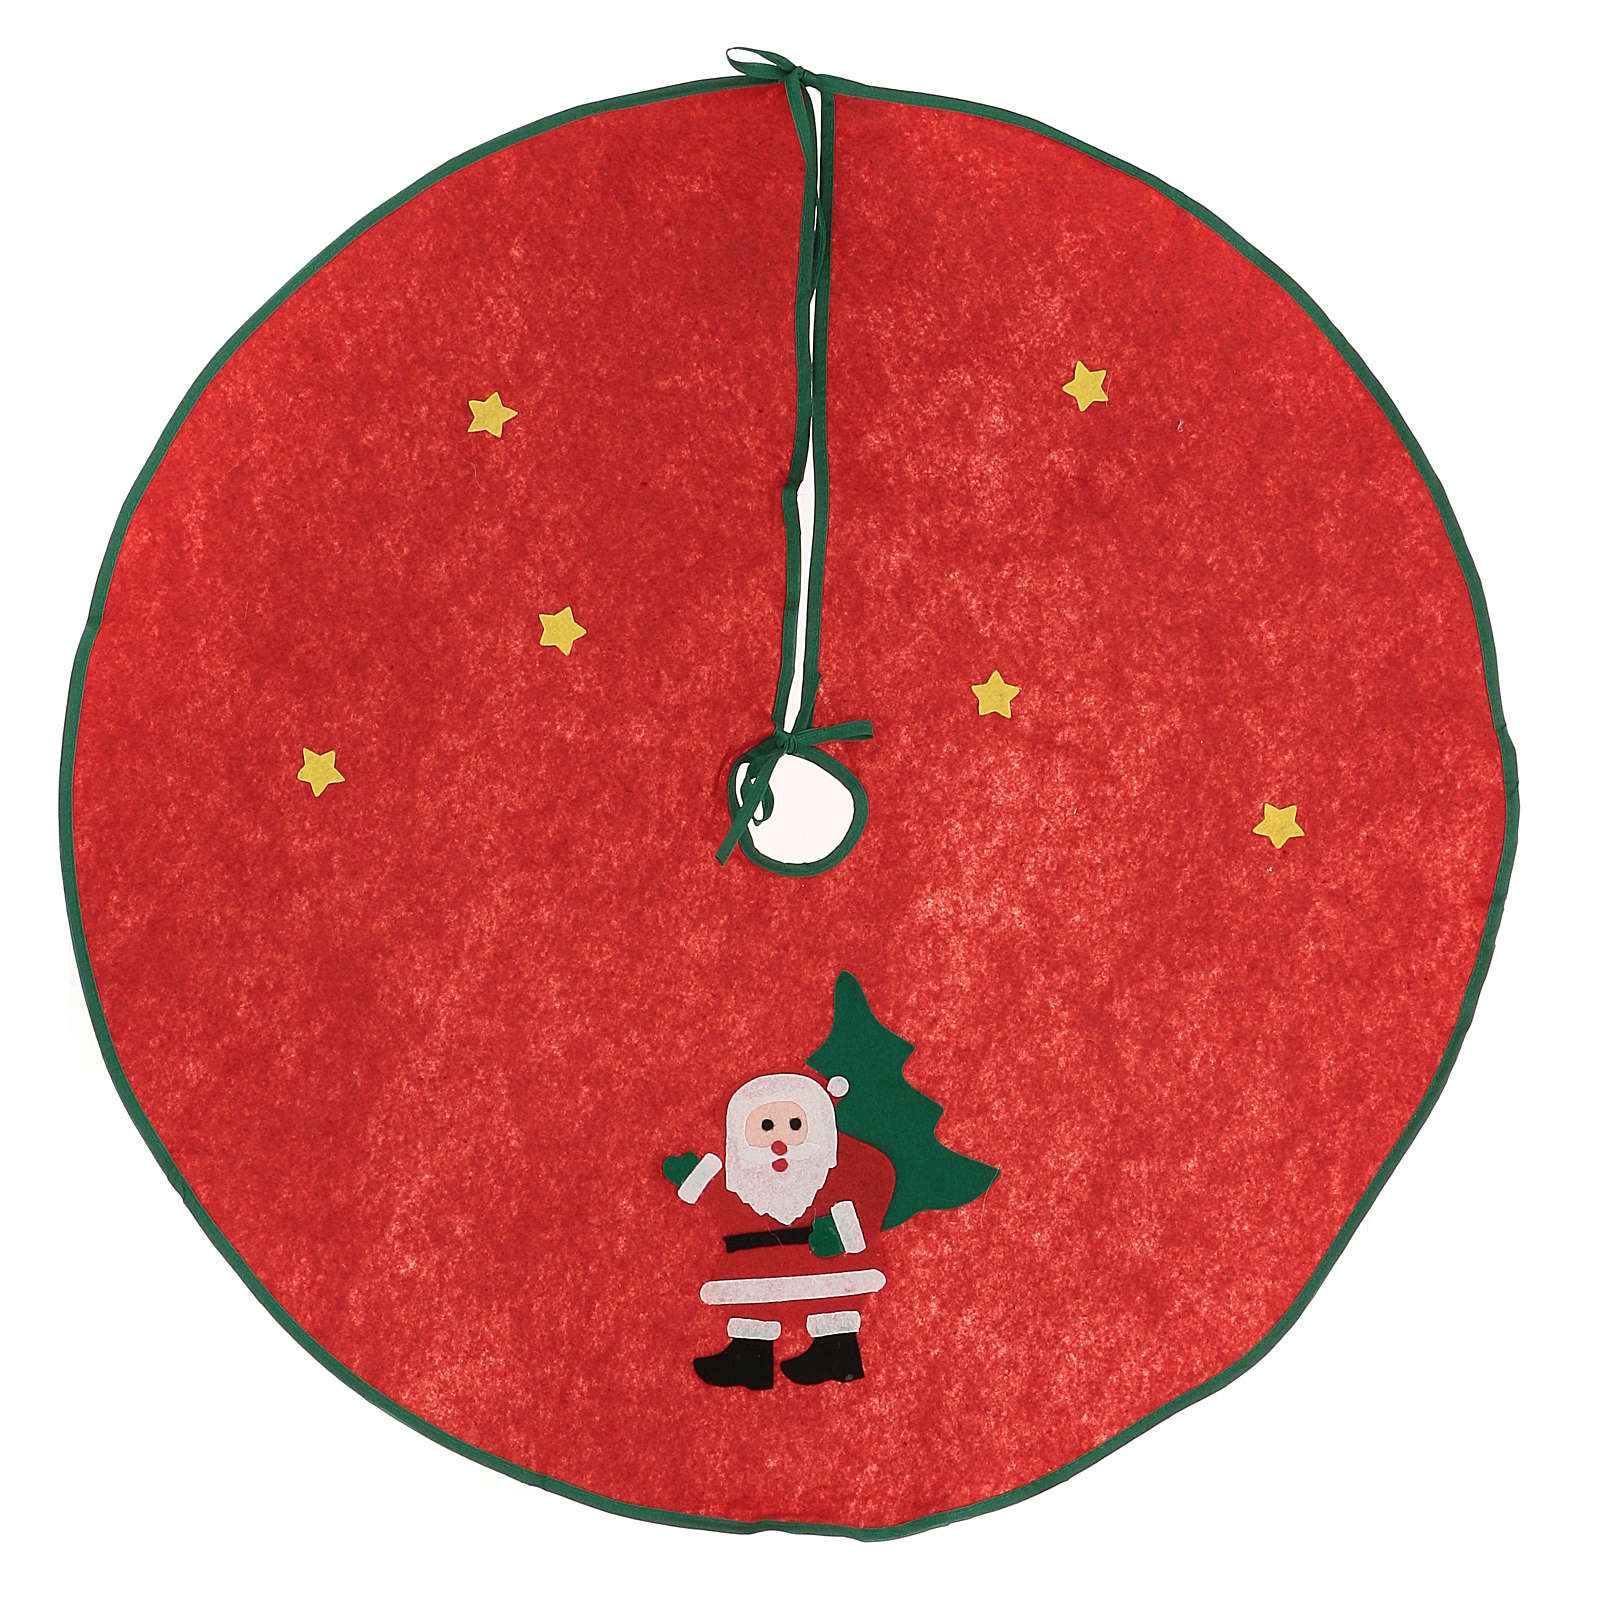 Copribase rosso per albero Natale Babbo Natale stelle 77 cm 3